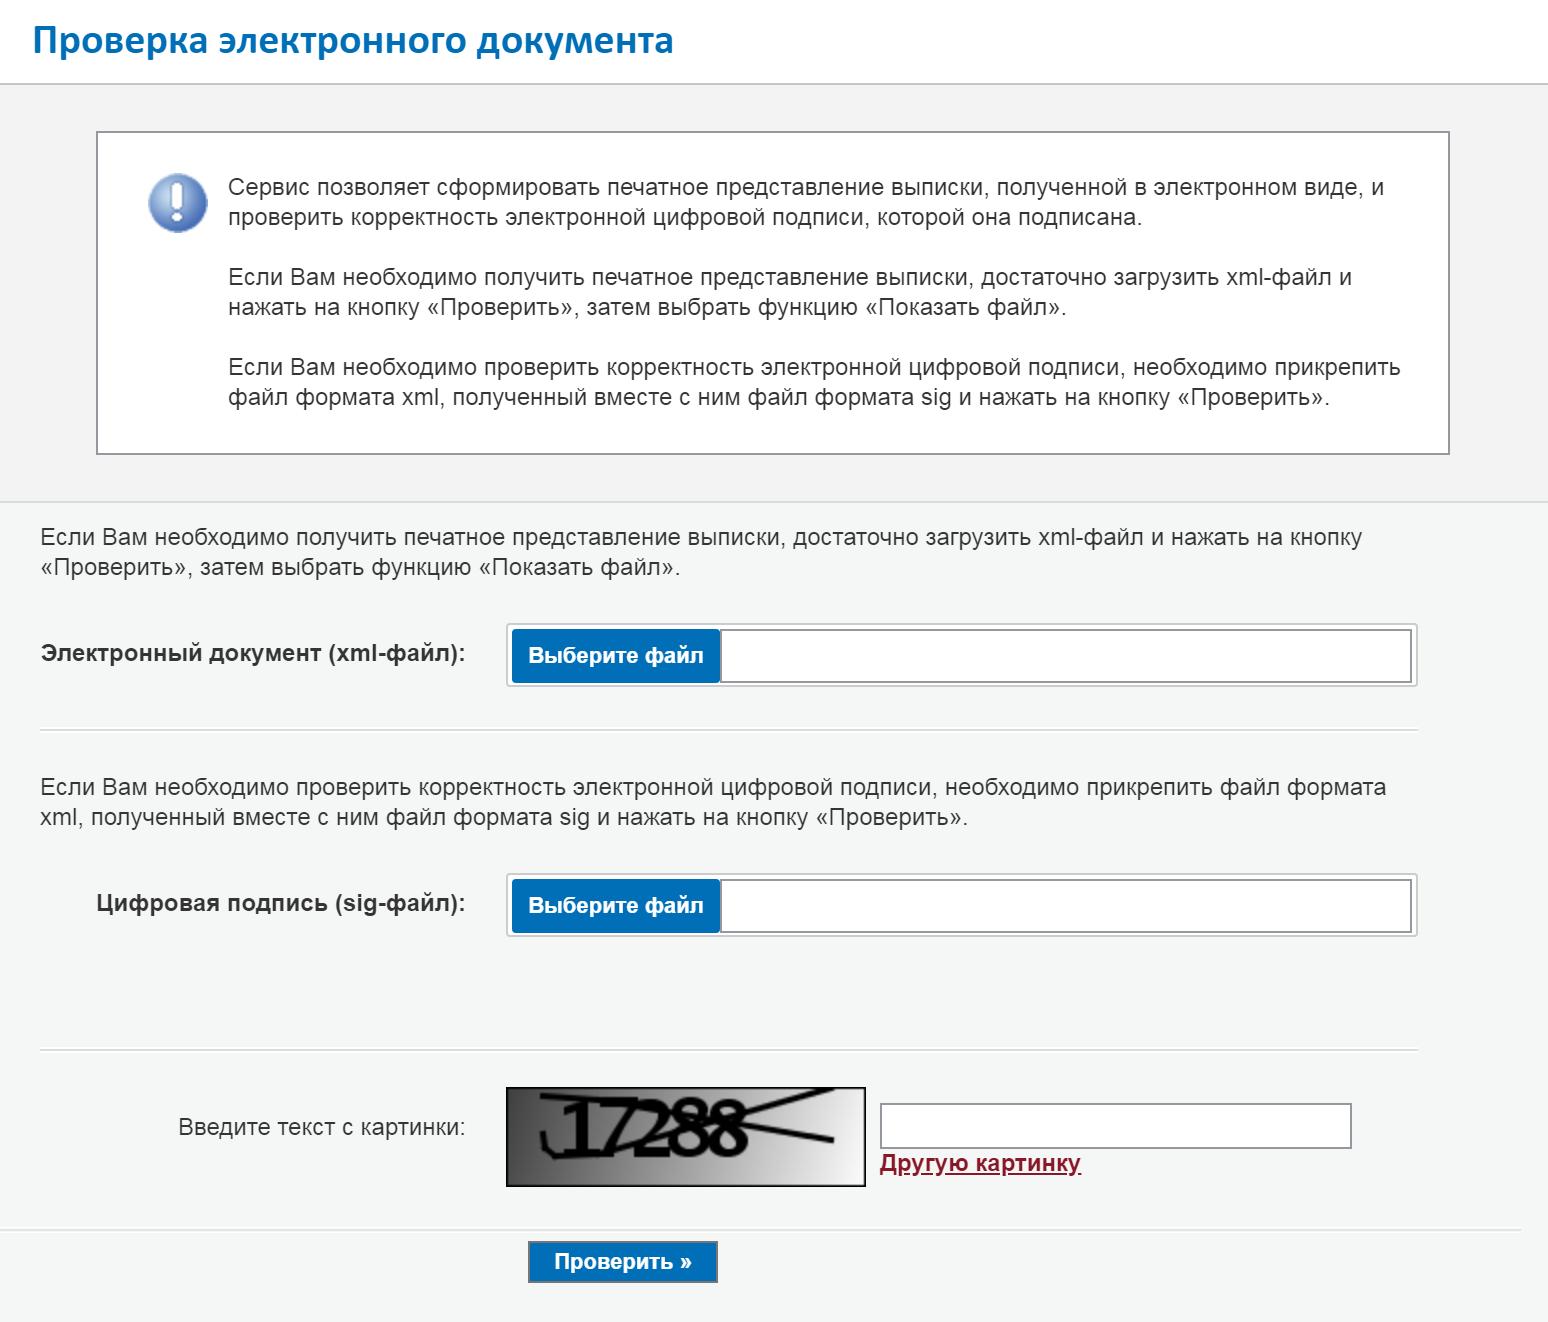 Зайдите в сервис «Проверка электронного документа» на сайте Росреестра. Загрузите туда каждый xml-файл и нажмите сначала на кнопку «Проверить», а потом нассылку «Показать вчеловекочитаемом формате»